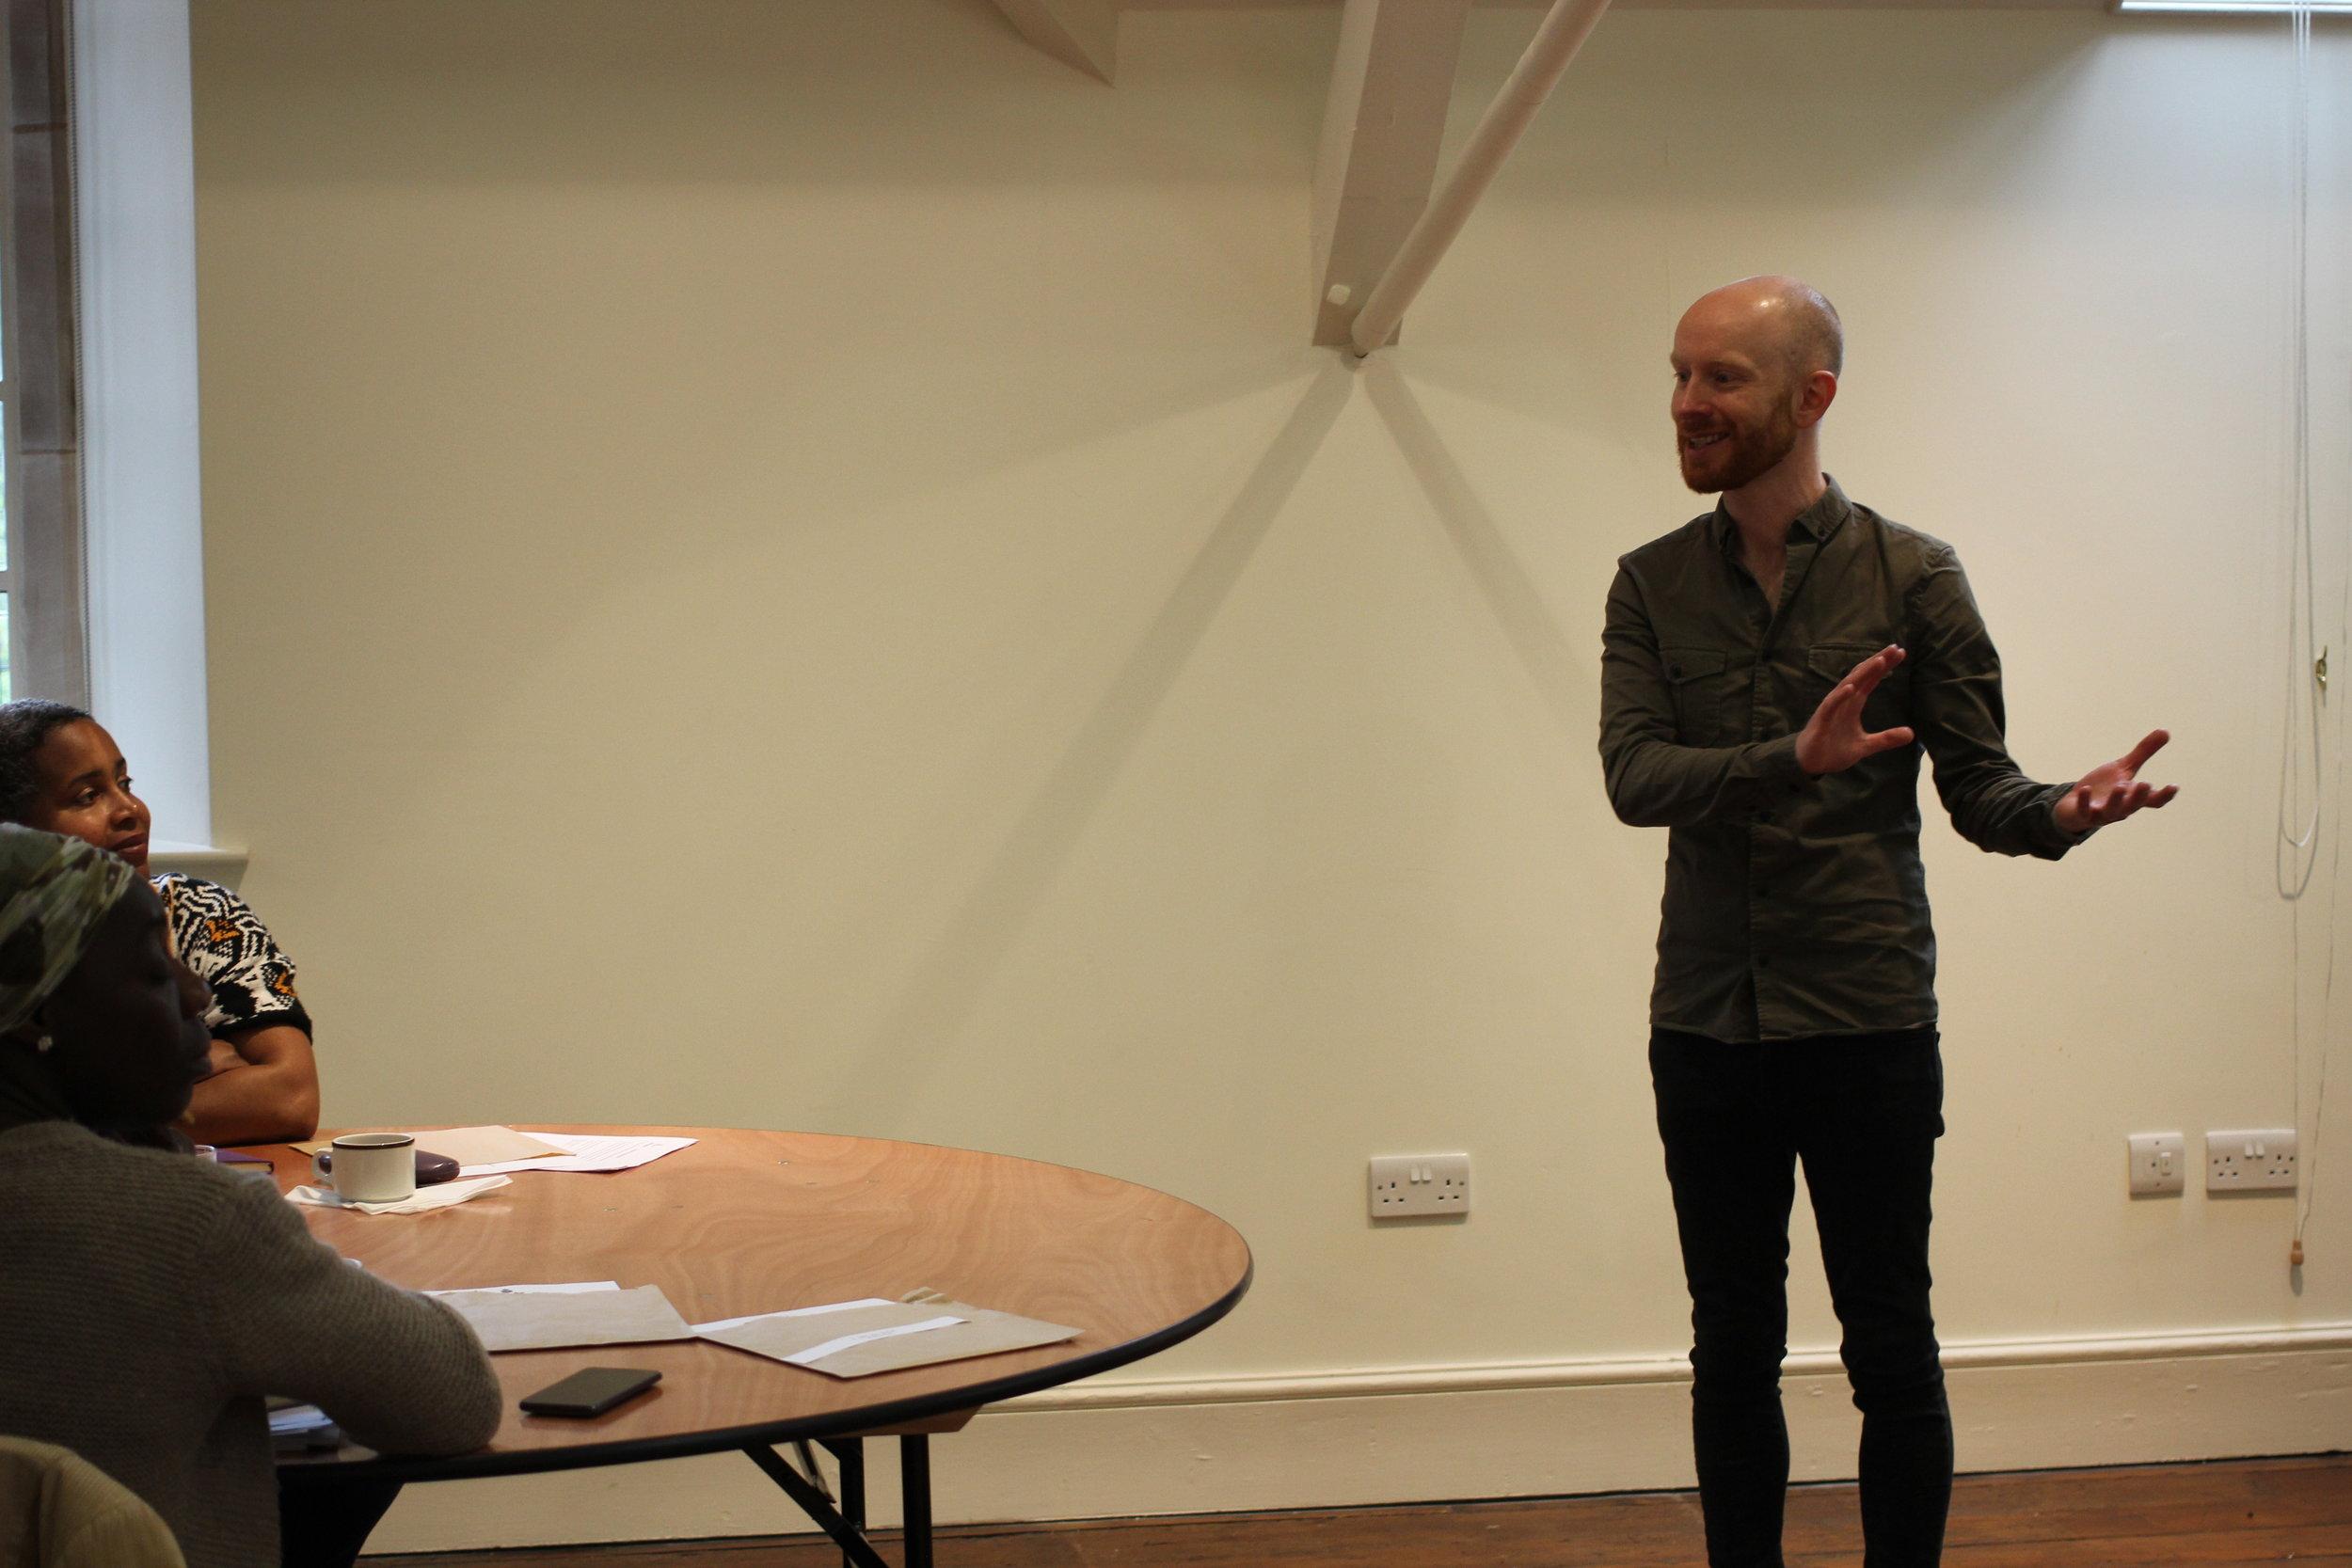 Jon Sanderson. Image by Inès Elsa Dalal